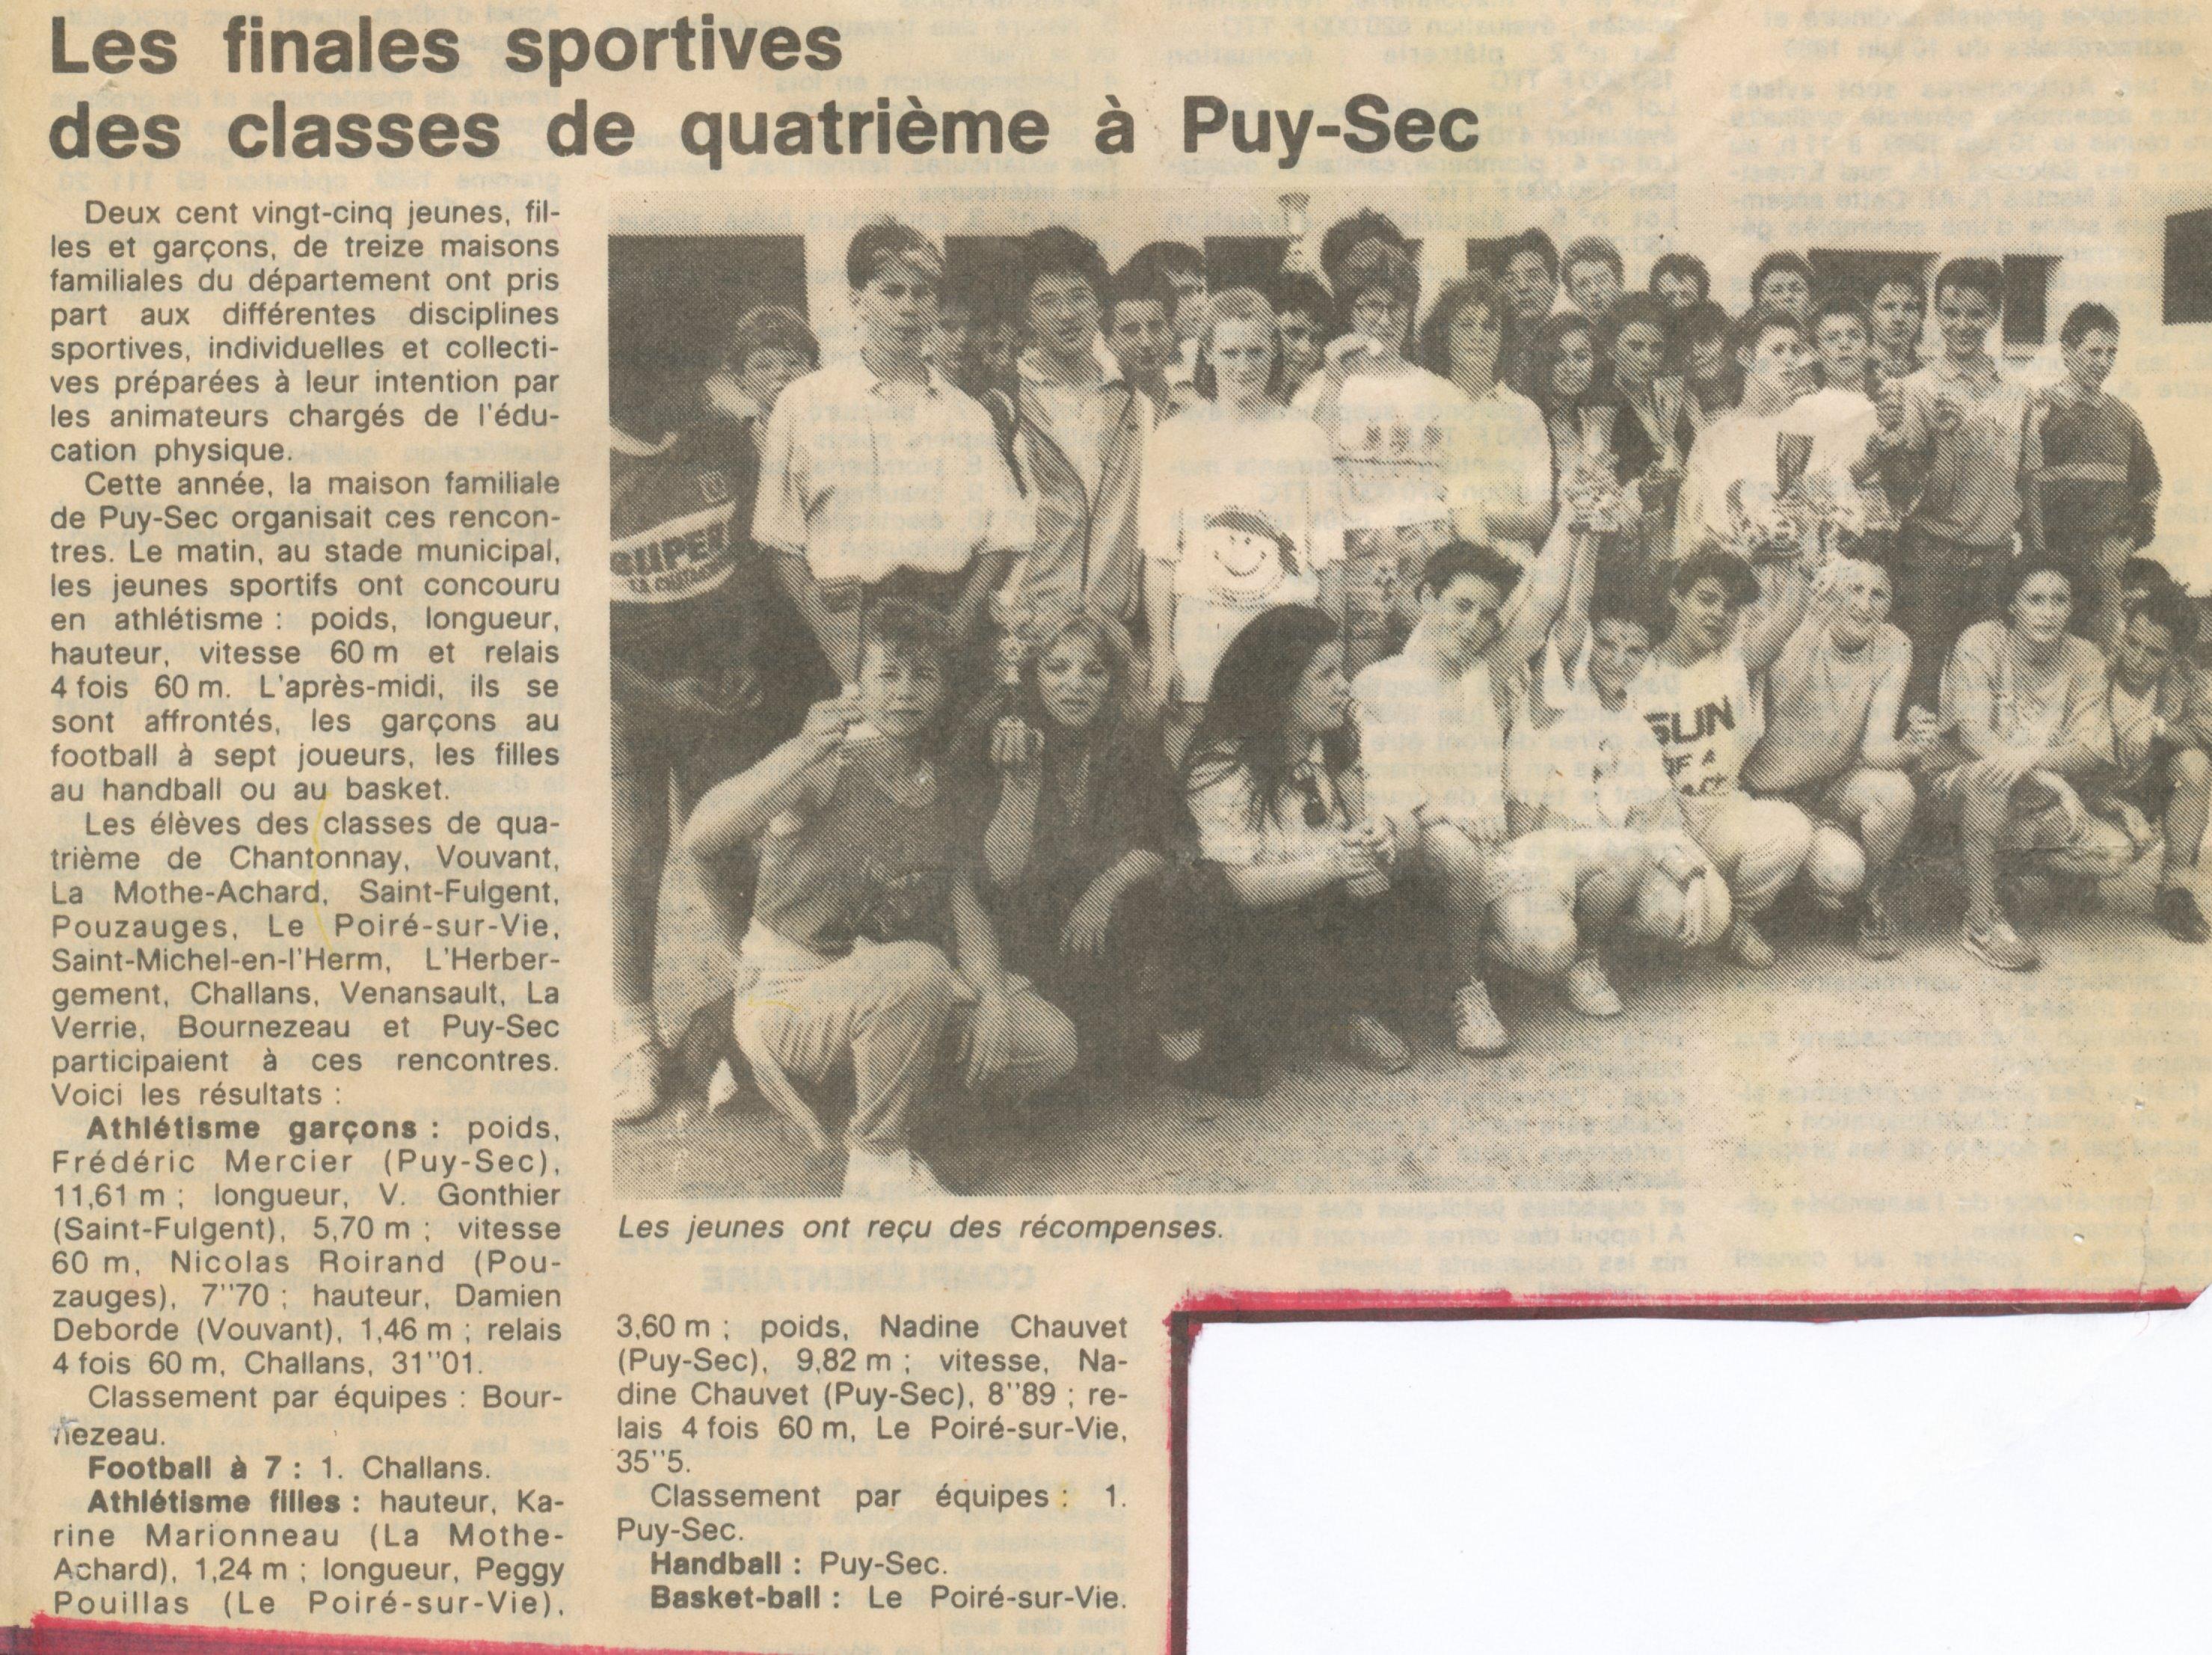 Archives anciens élèves mfr puy-sec 1989 (5)